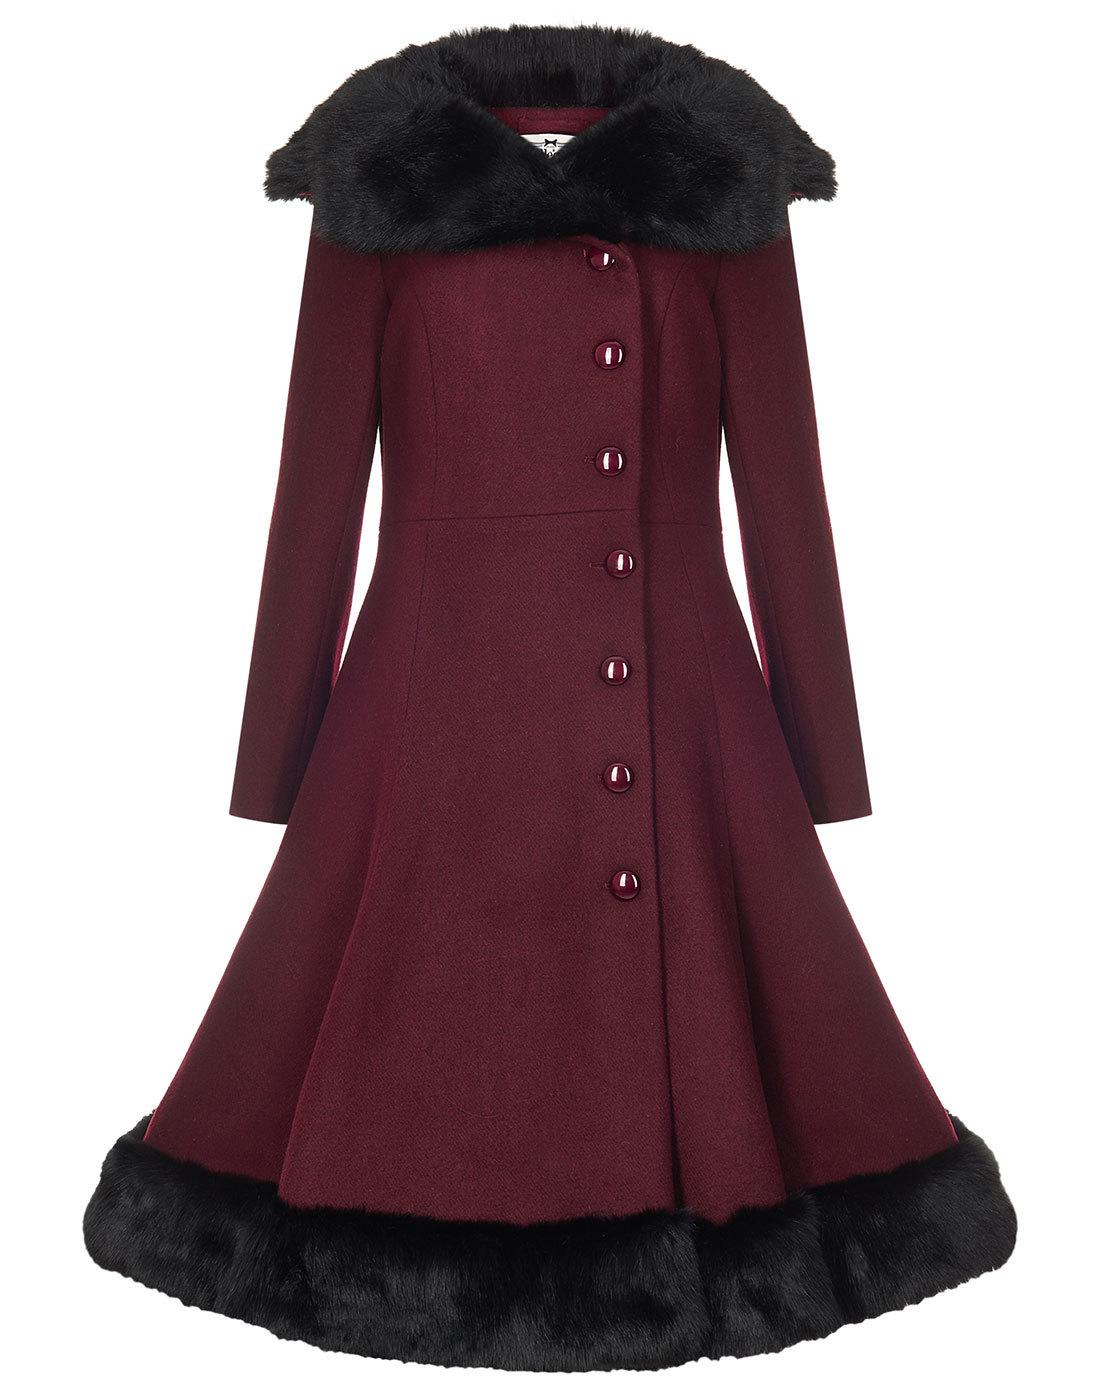 Arlene COLLECTIF VINTAGE 1950s Faux Fur Trim Coat